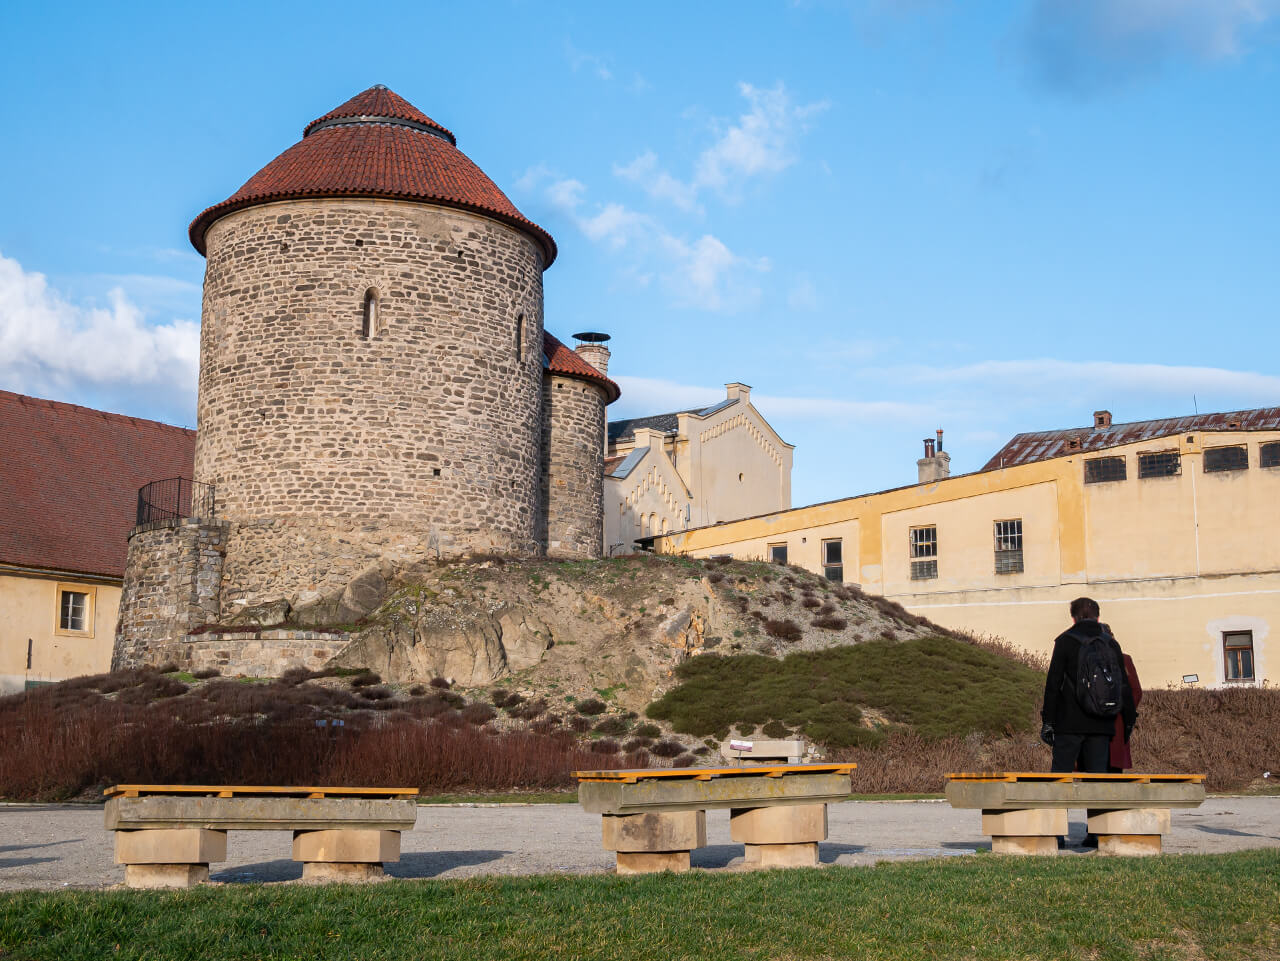 Rotunda św. Katarzyny Znojmo atrakcje co warto zobaczyć